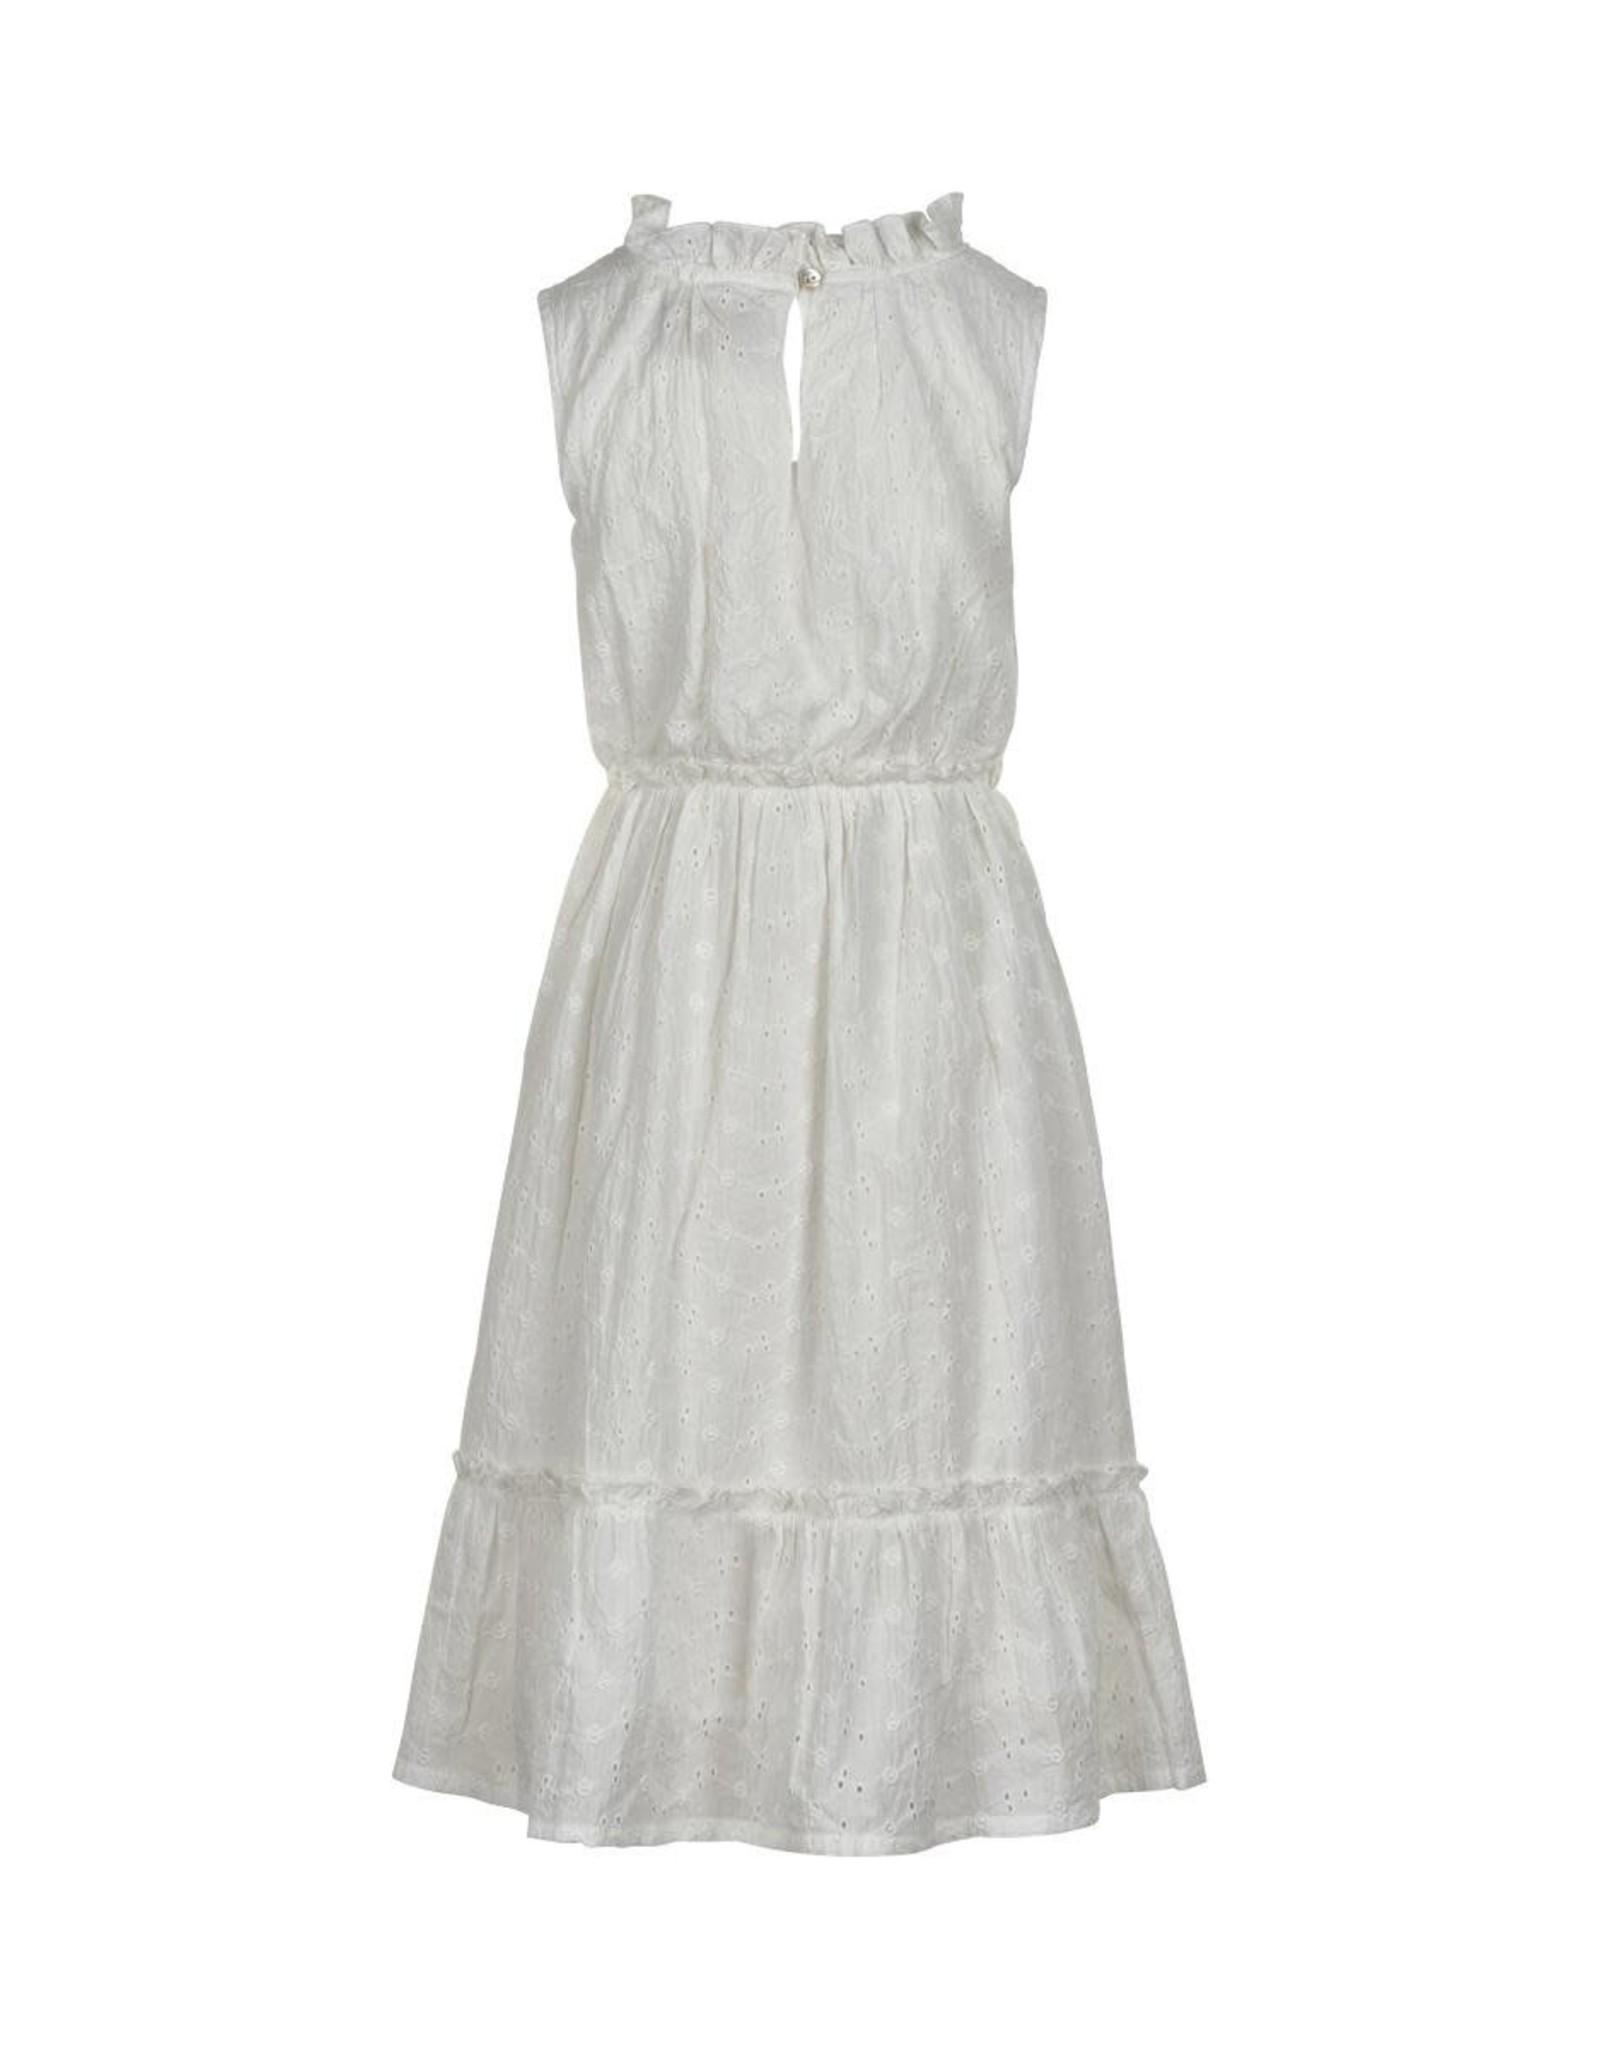 Creamie White Eyelet Dress